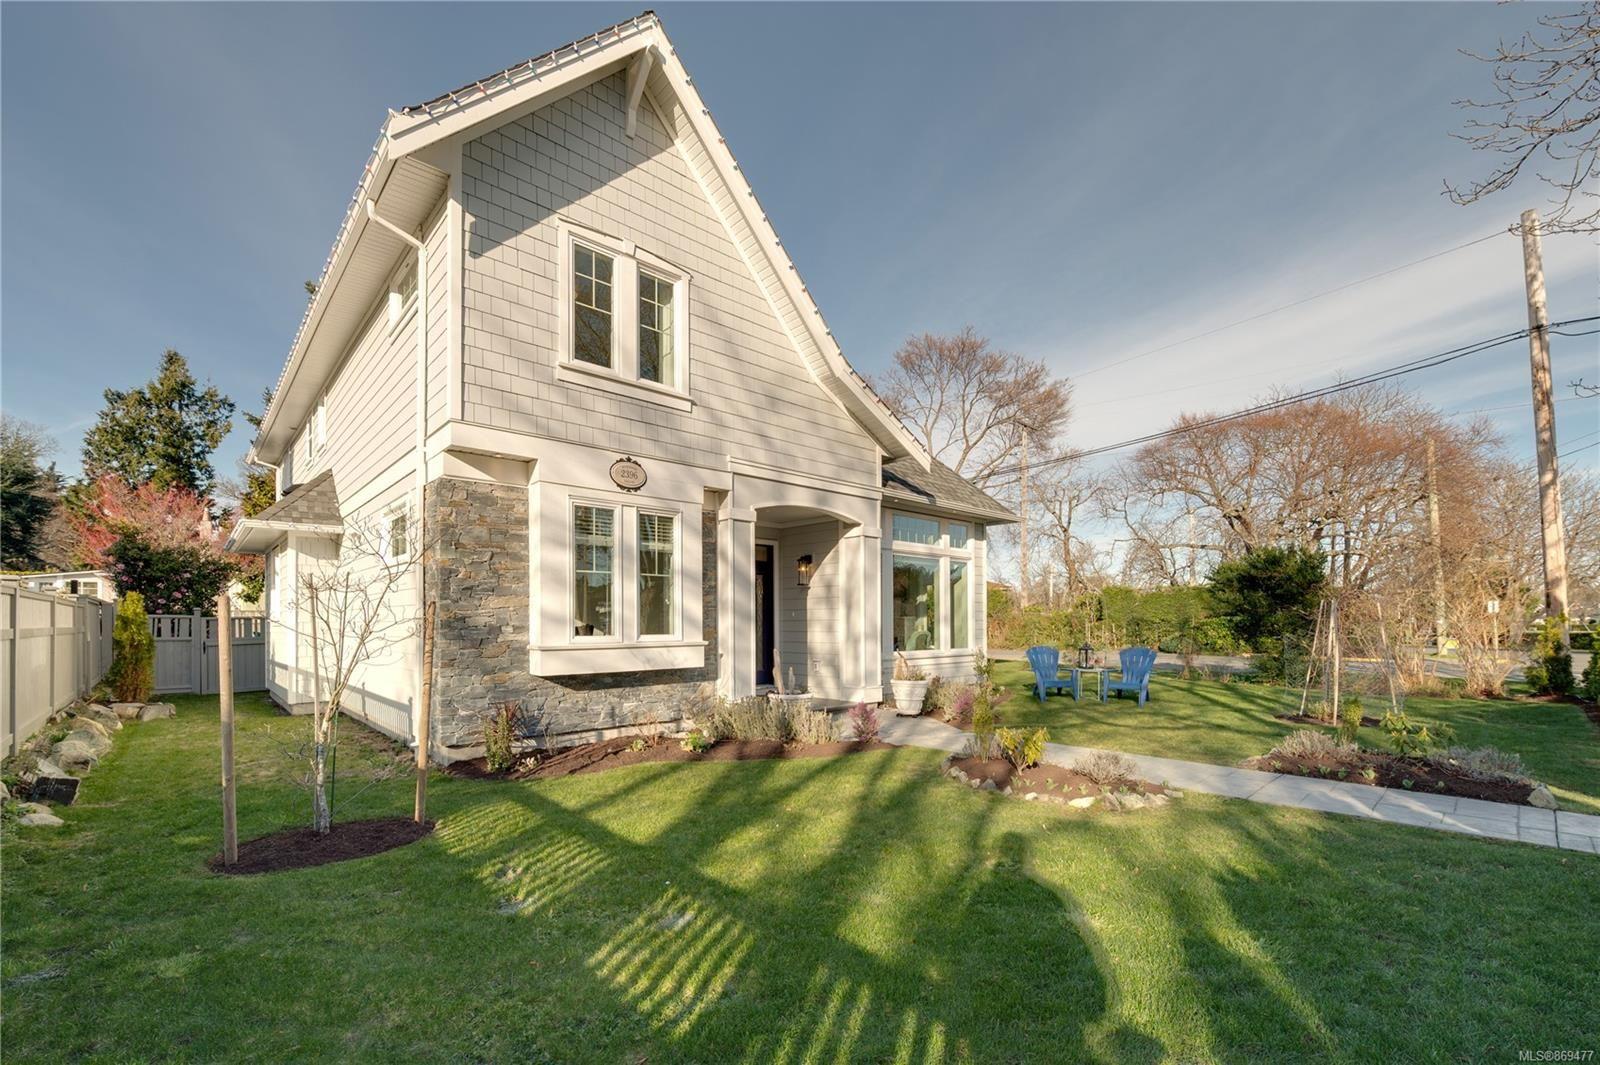 Main Photo: 2396 Windsor Rd in : OB South Oak Bay House for sale (Oak Bay)  : MLS®# 869477